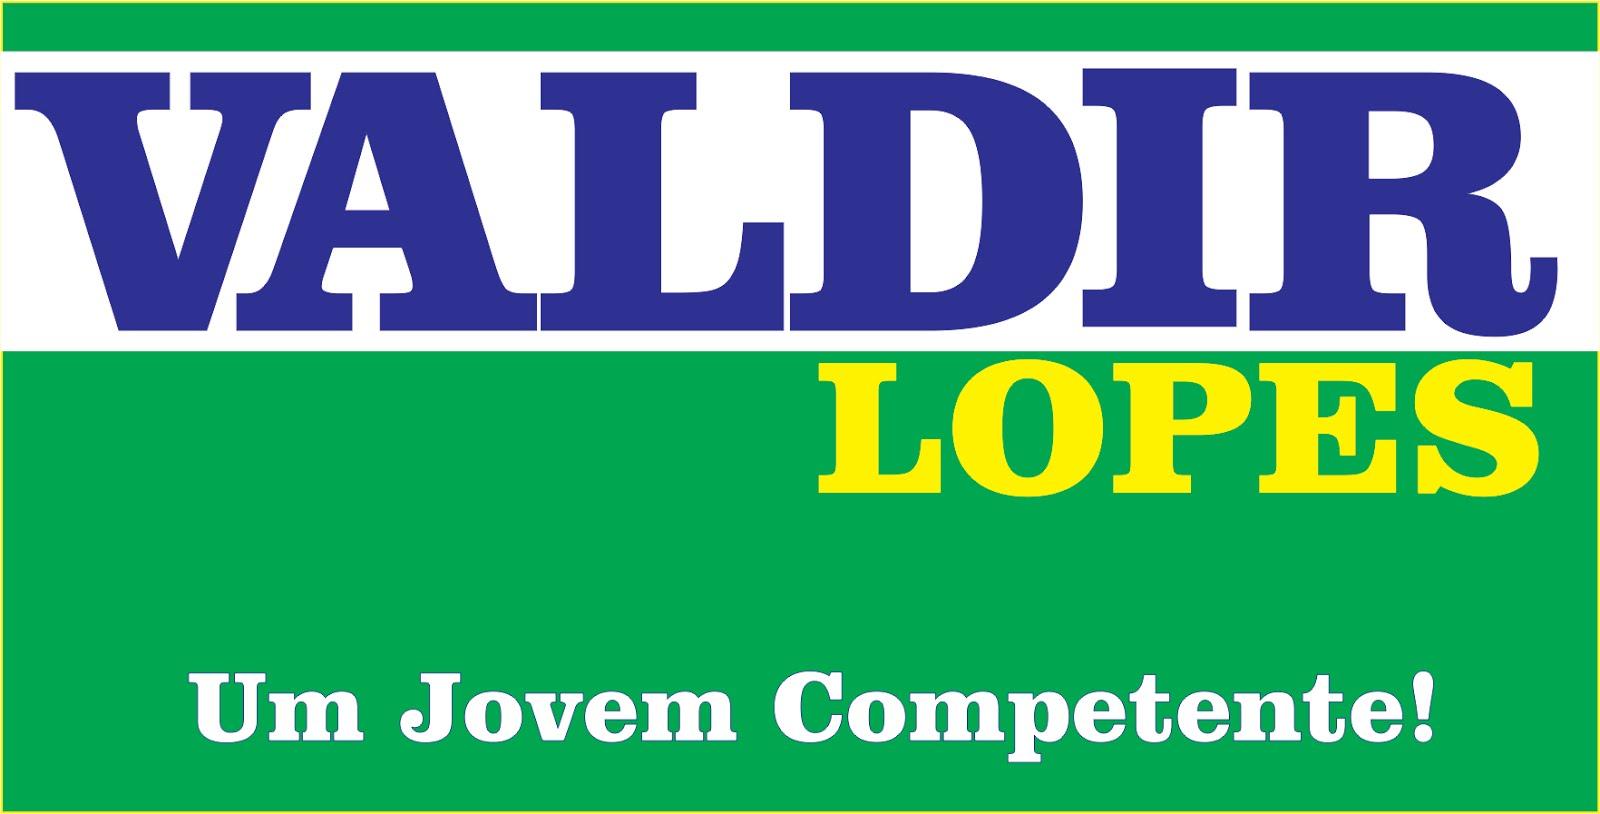 Valdir Lopes